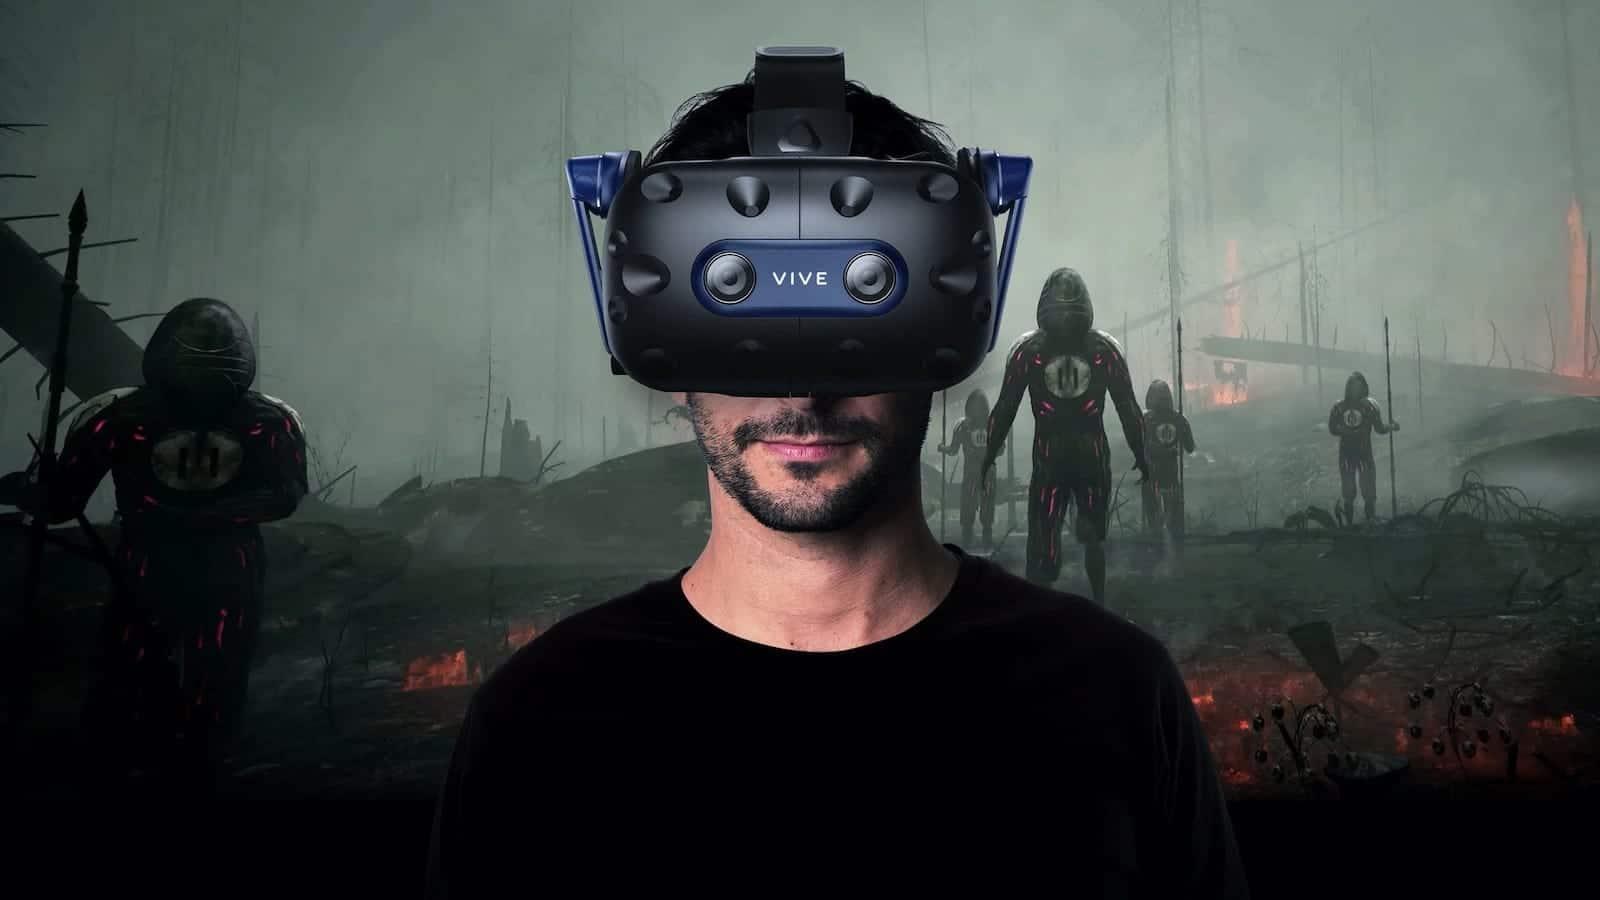 HTC Vive Pro 2 VR